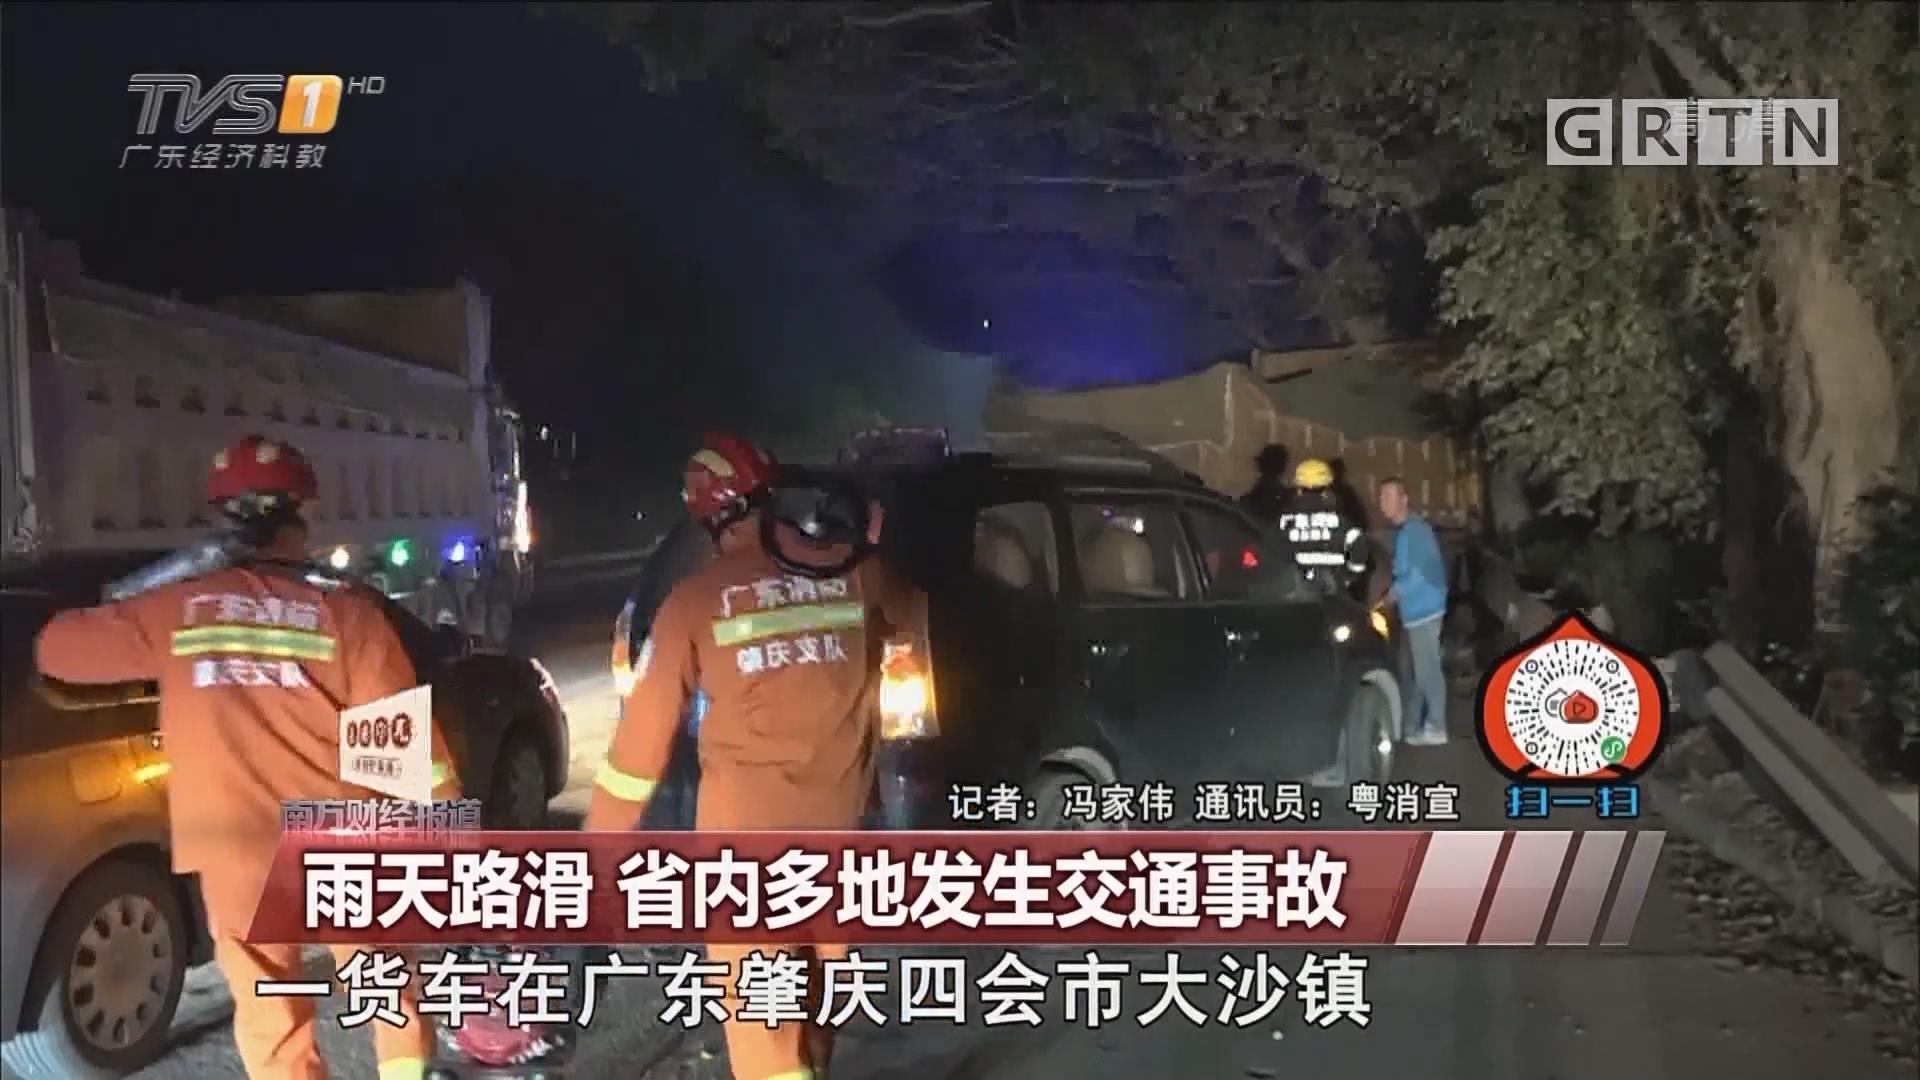 雨天路滑 省内多地发生交通事故